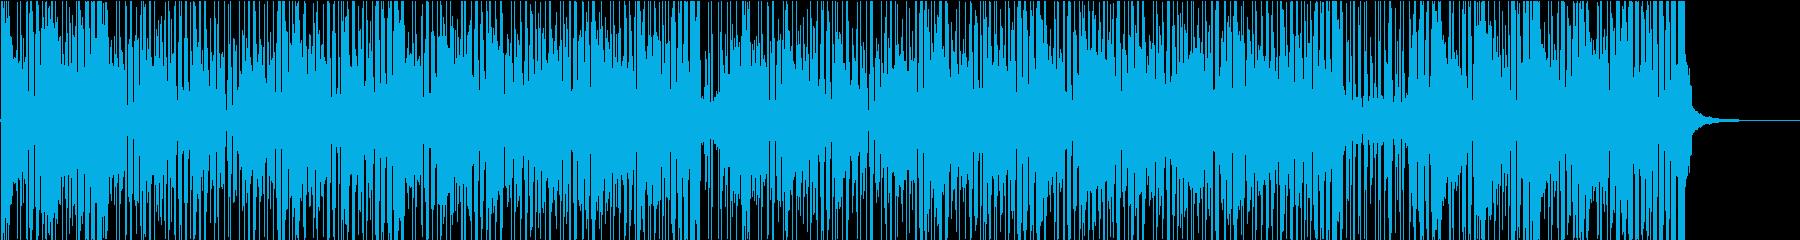 ファンキーな曲ロングバージョンの再生済みの波形